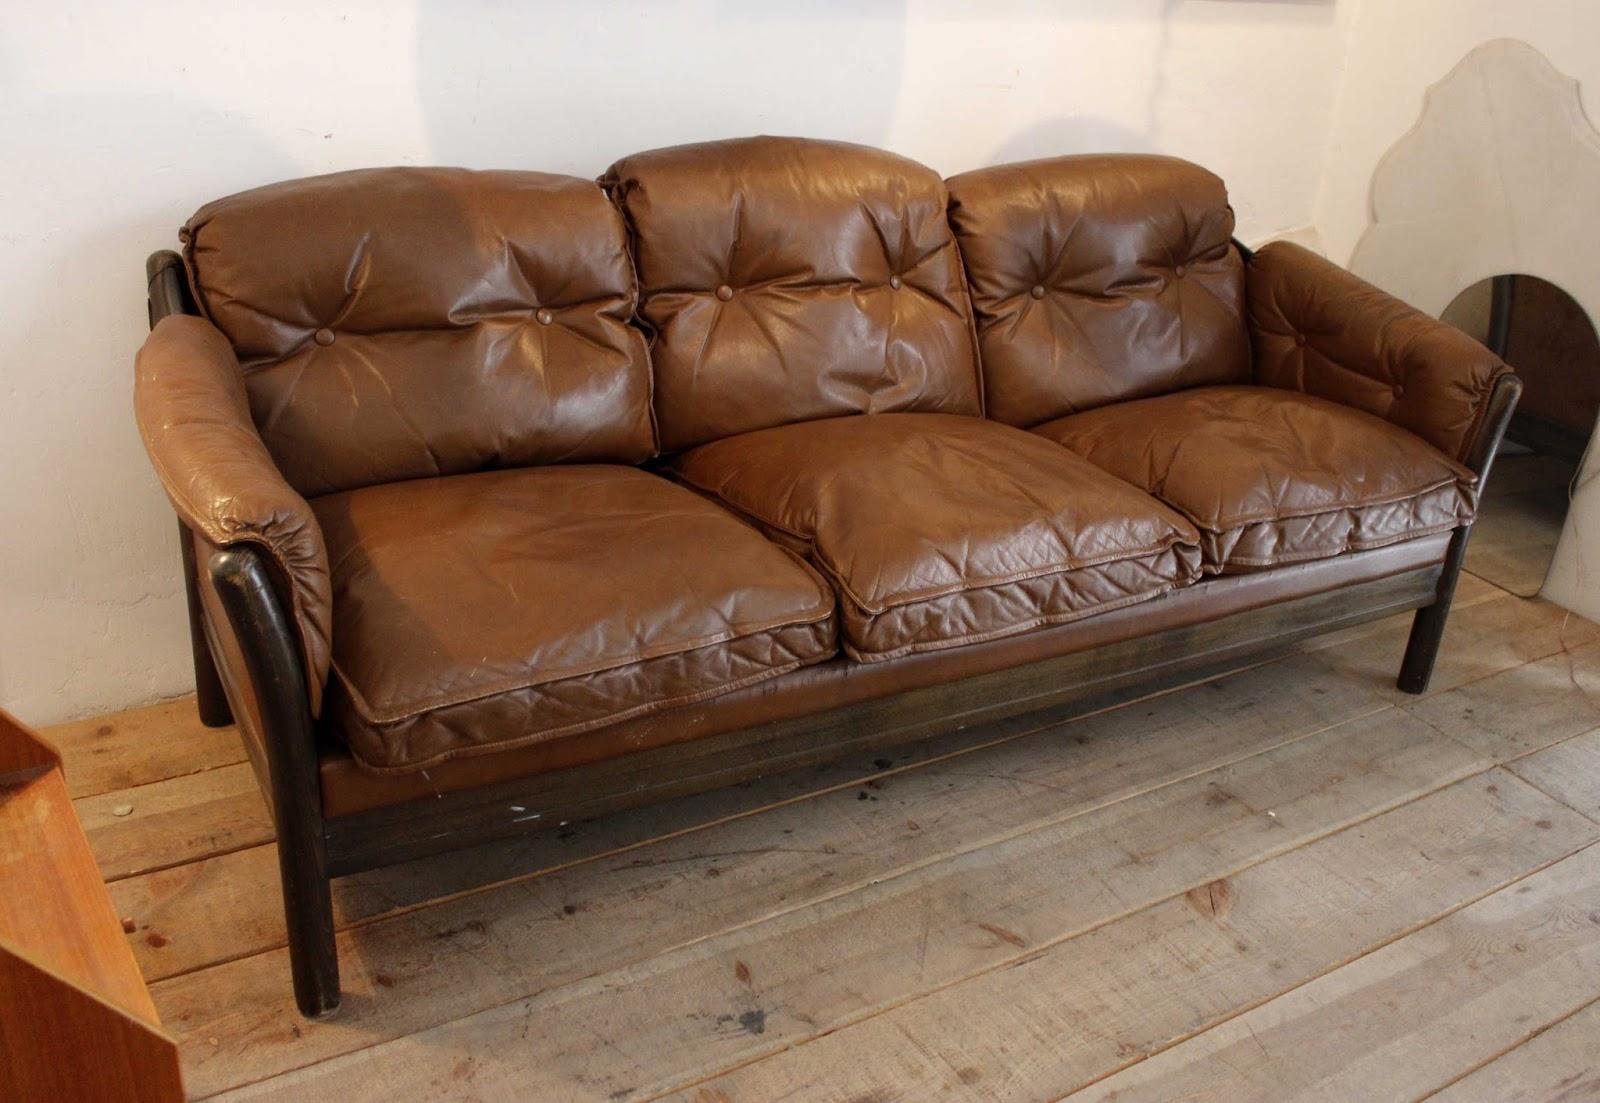 Sofa Madrid Tienda Table 72 Inches Long Vintage 4p Tu De Muebles En